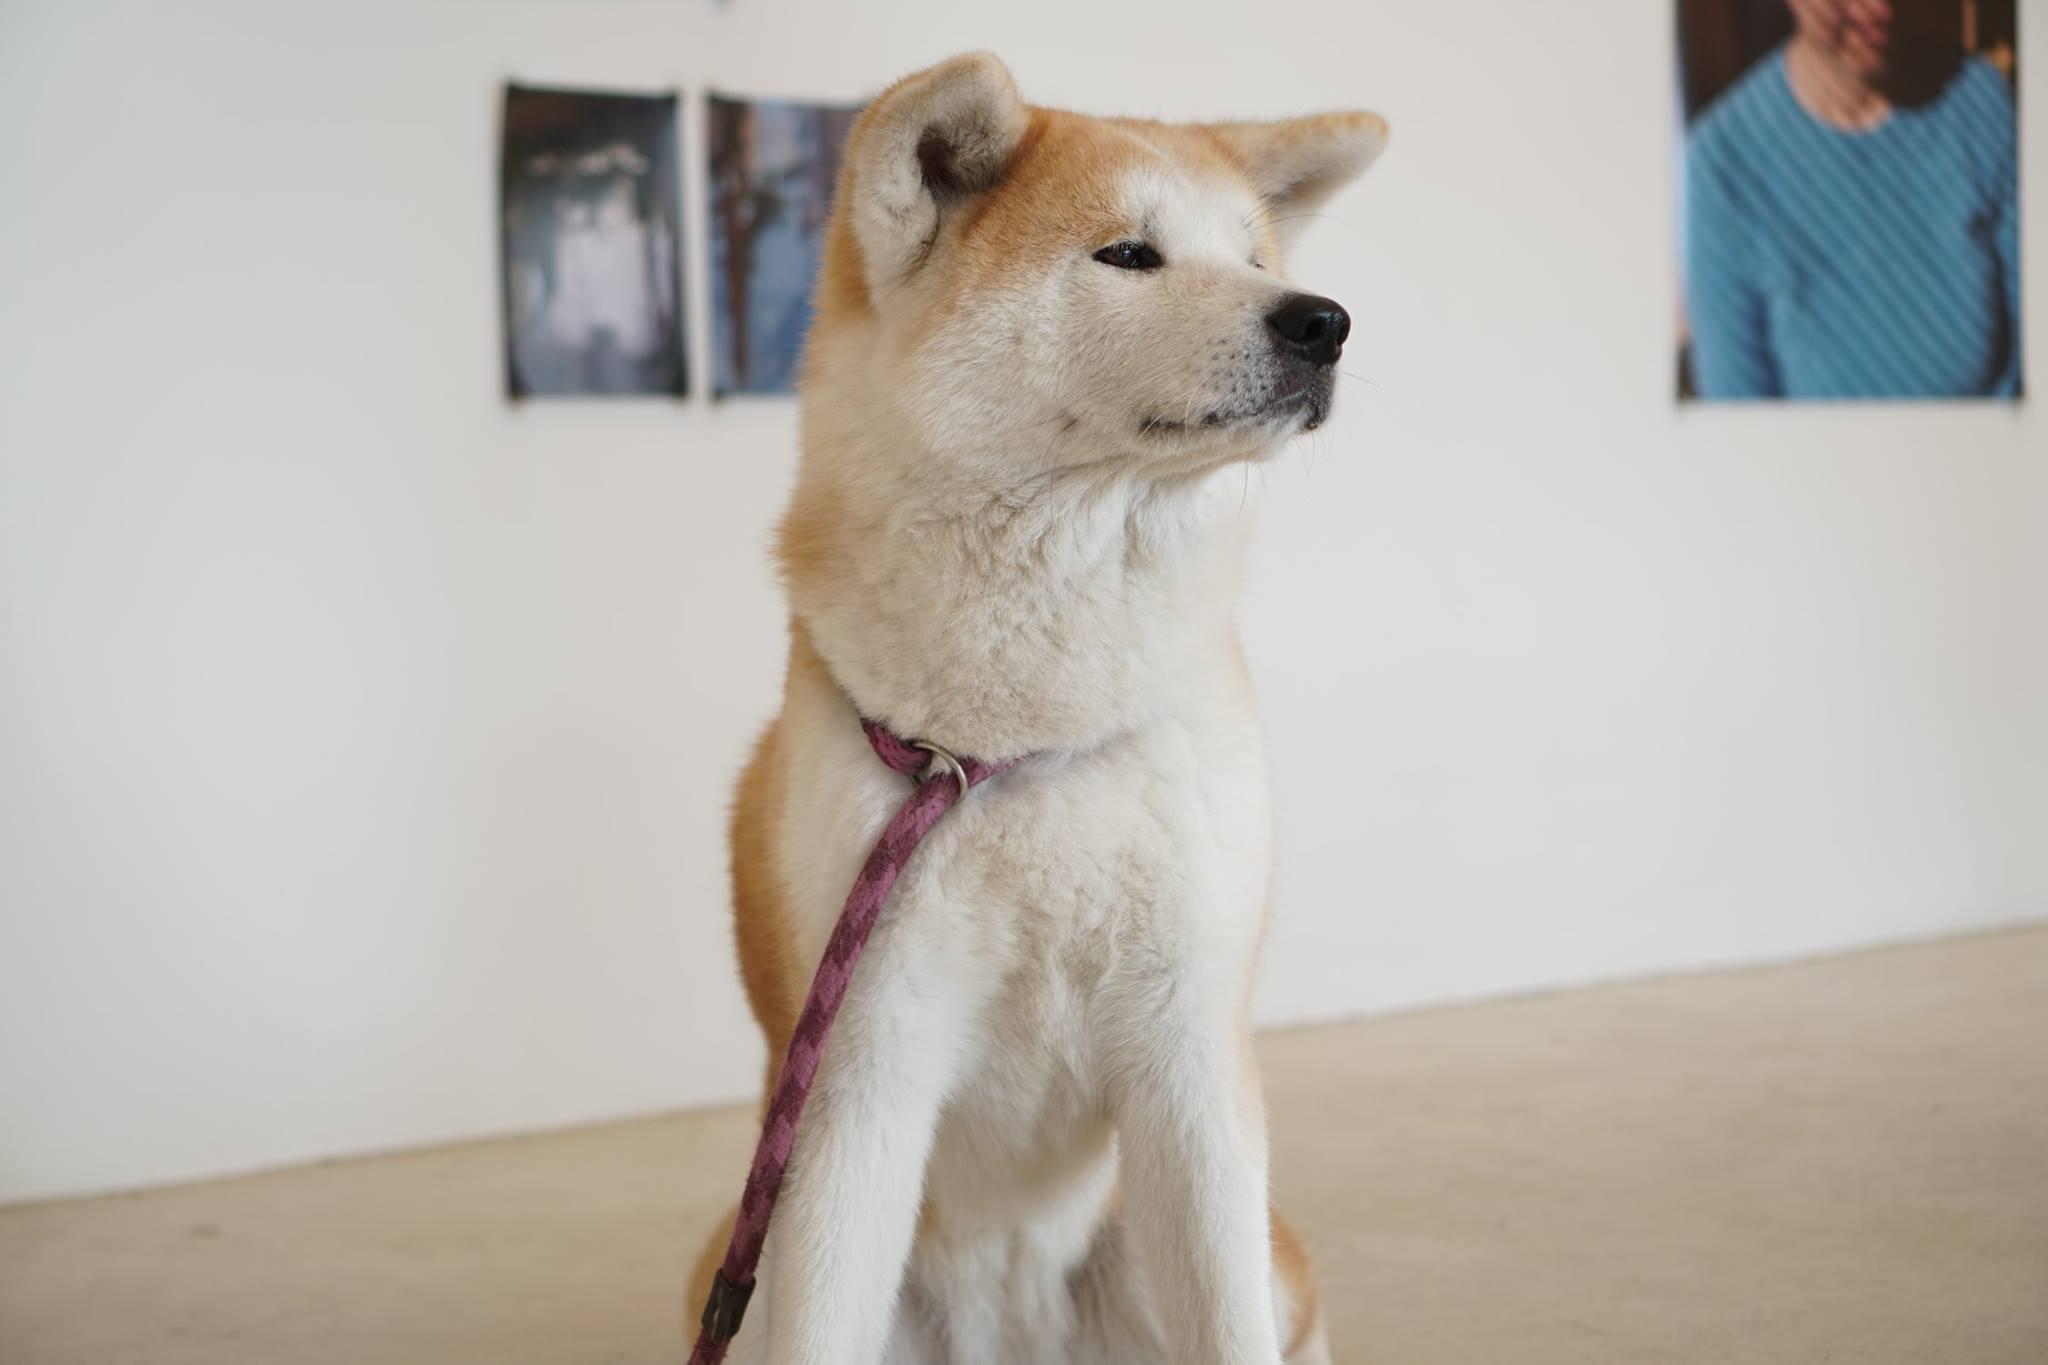 秋田犬に会いに行く◆ゼロダテアートセンター